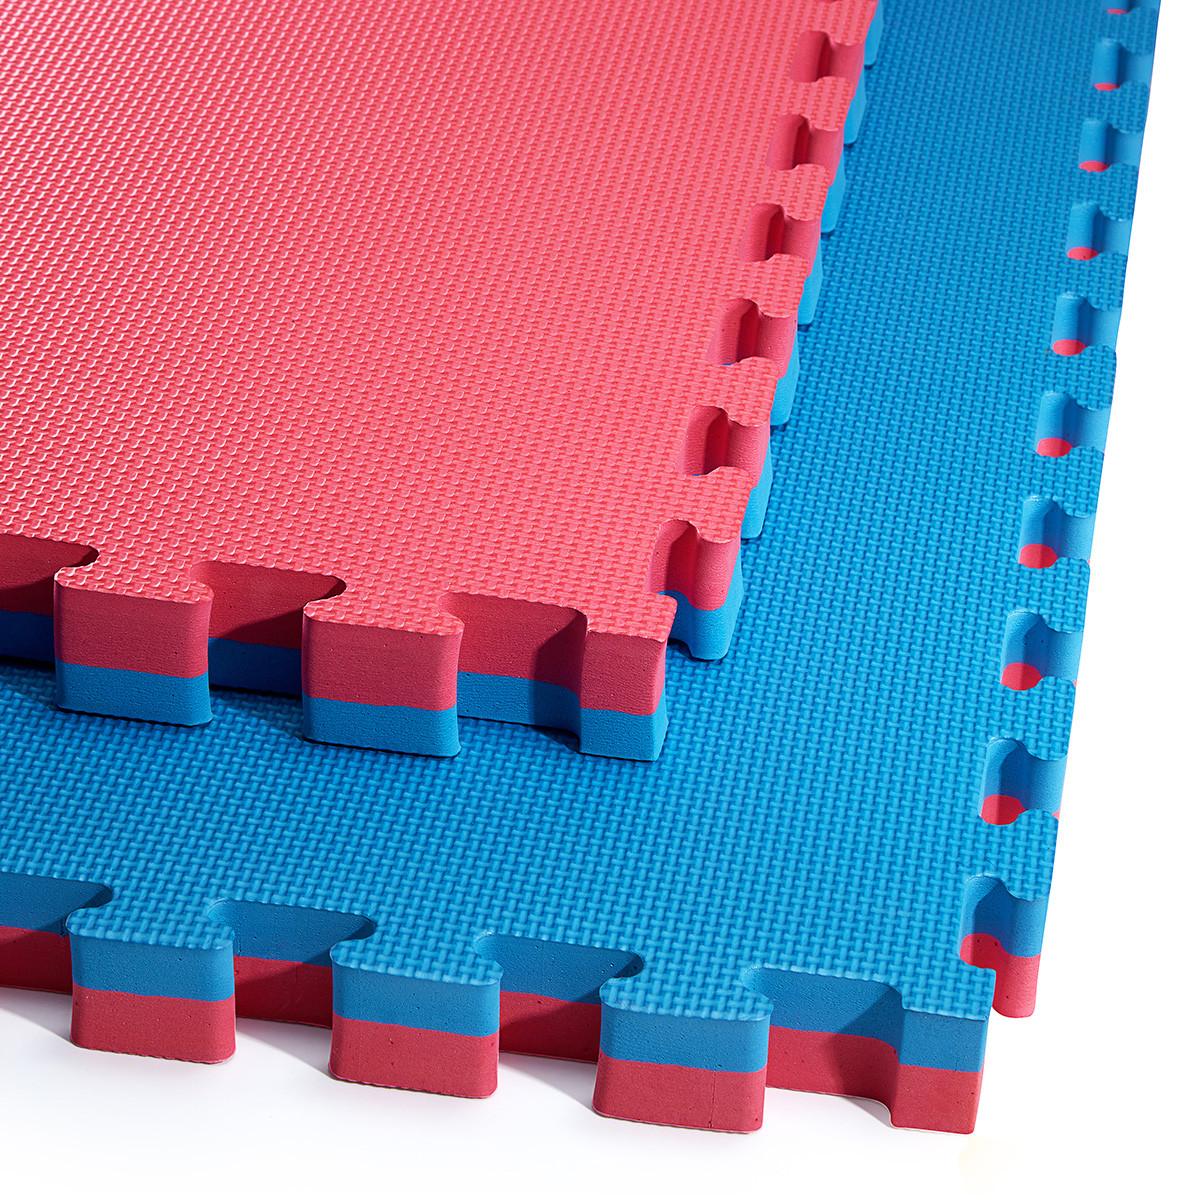 Мат пазл (ласточкин хвост) коврик татами 4FIZJO Mat Puzzle EVA 100 x 100 x 4 cм 4FJ0169 Blue/Red